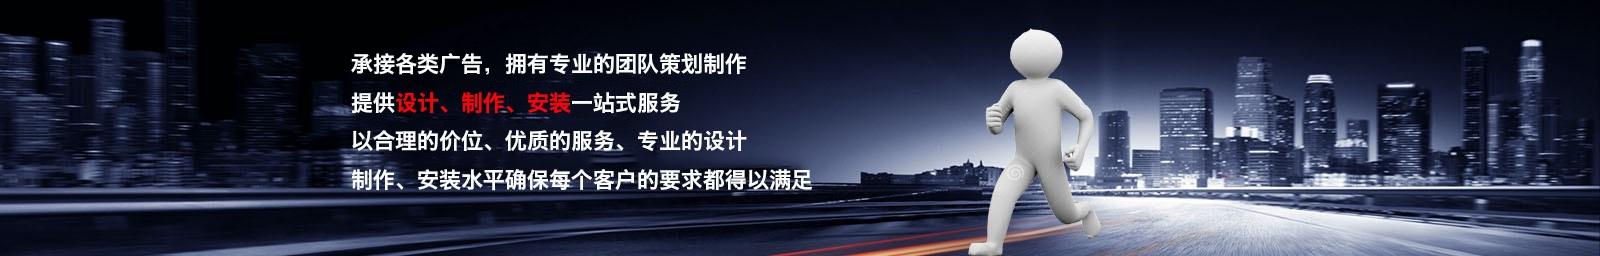 南昌汇意广告有限公司